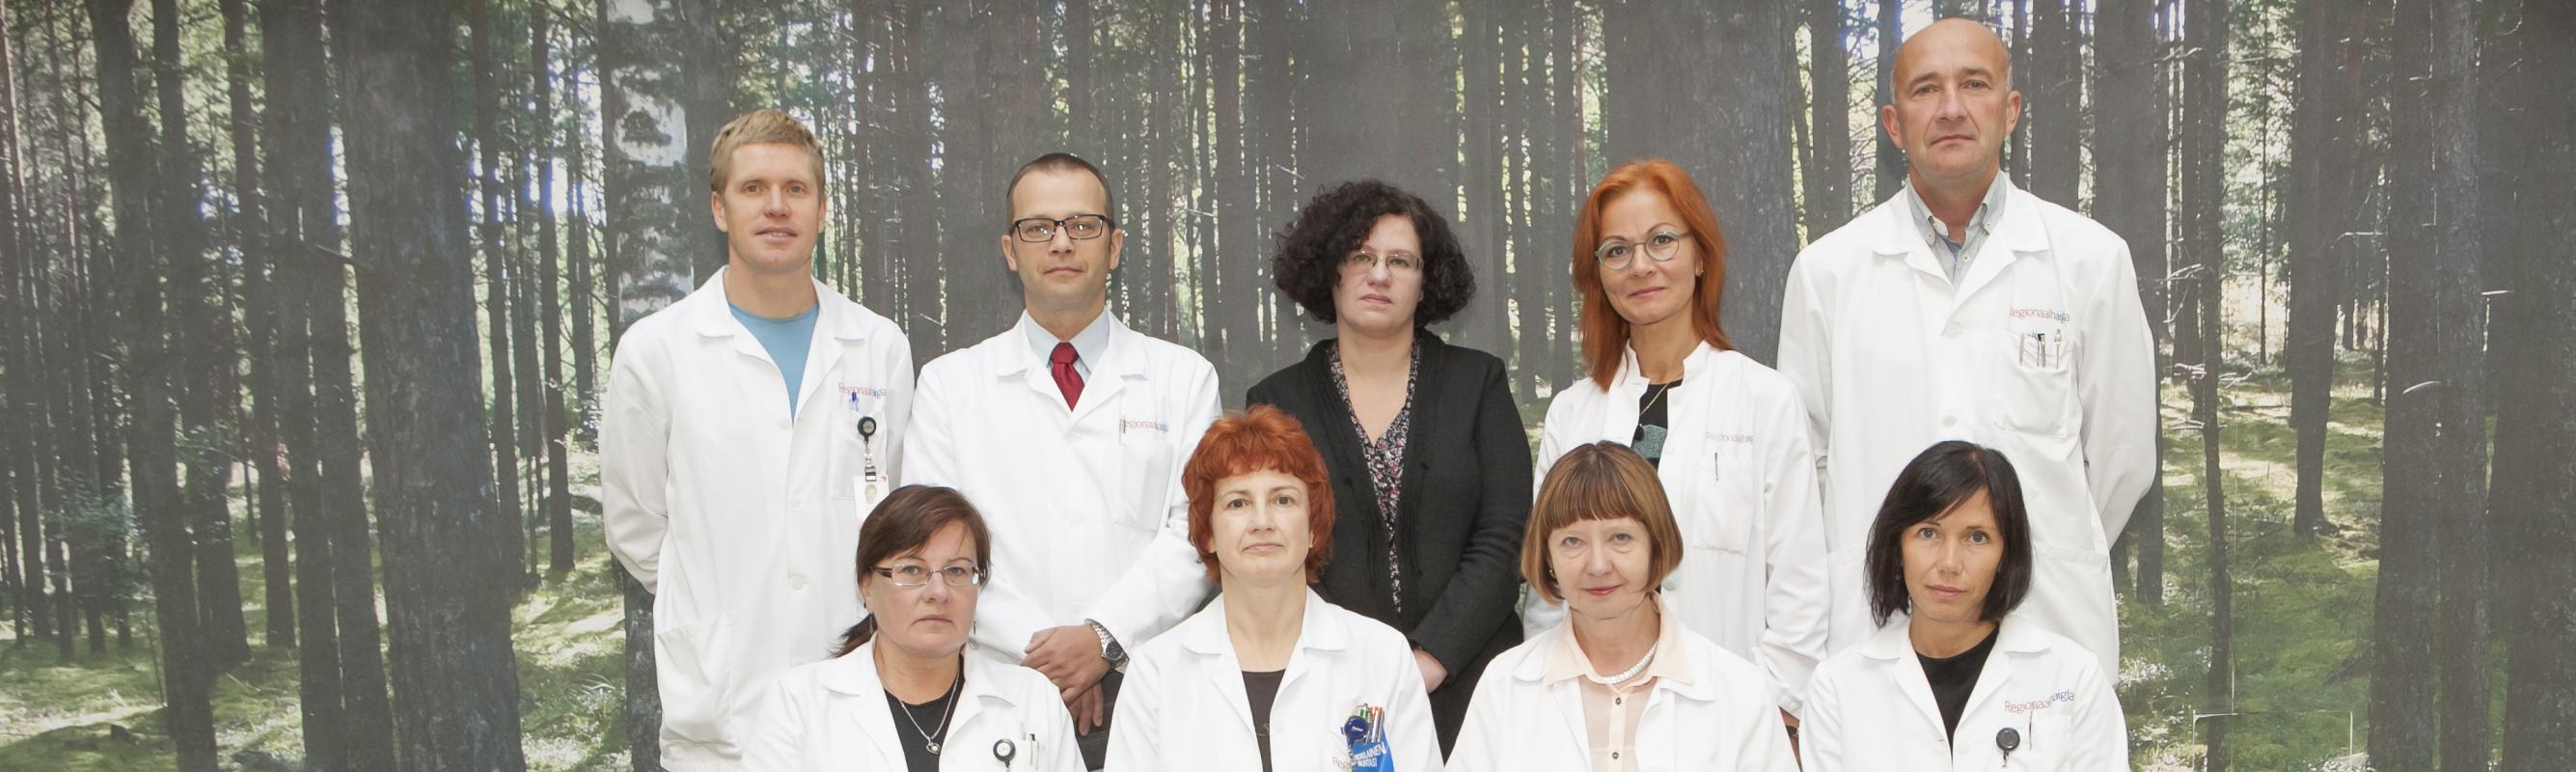 Neuroendokriinkasvajate töörühm